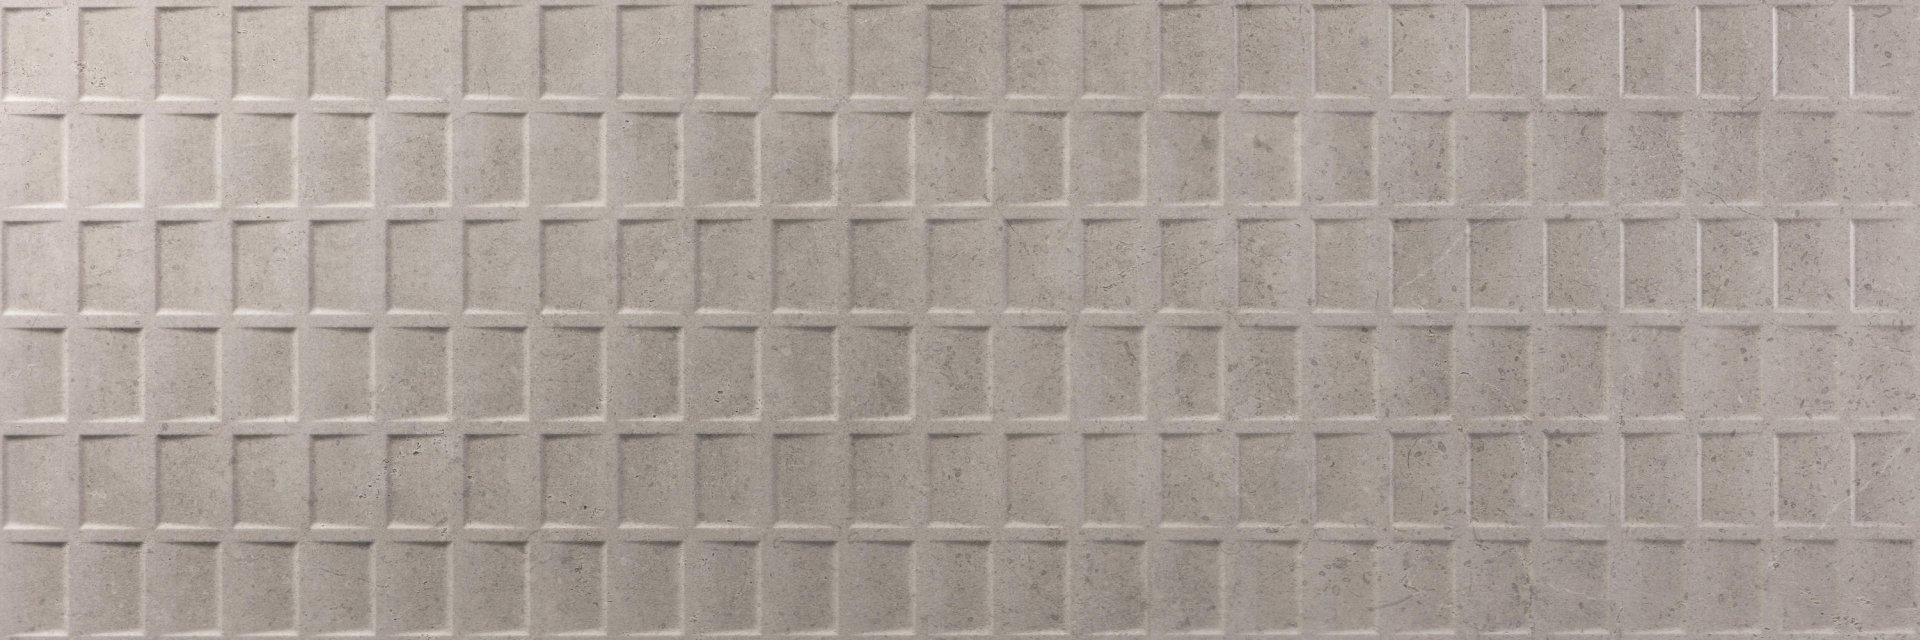 Faianță pentru baie Ecoceramic Flagstone Perla Decor 400x1200 mată gri / 3